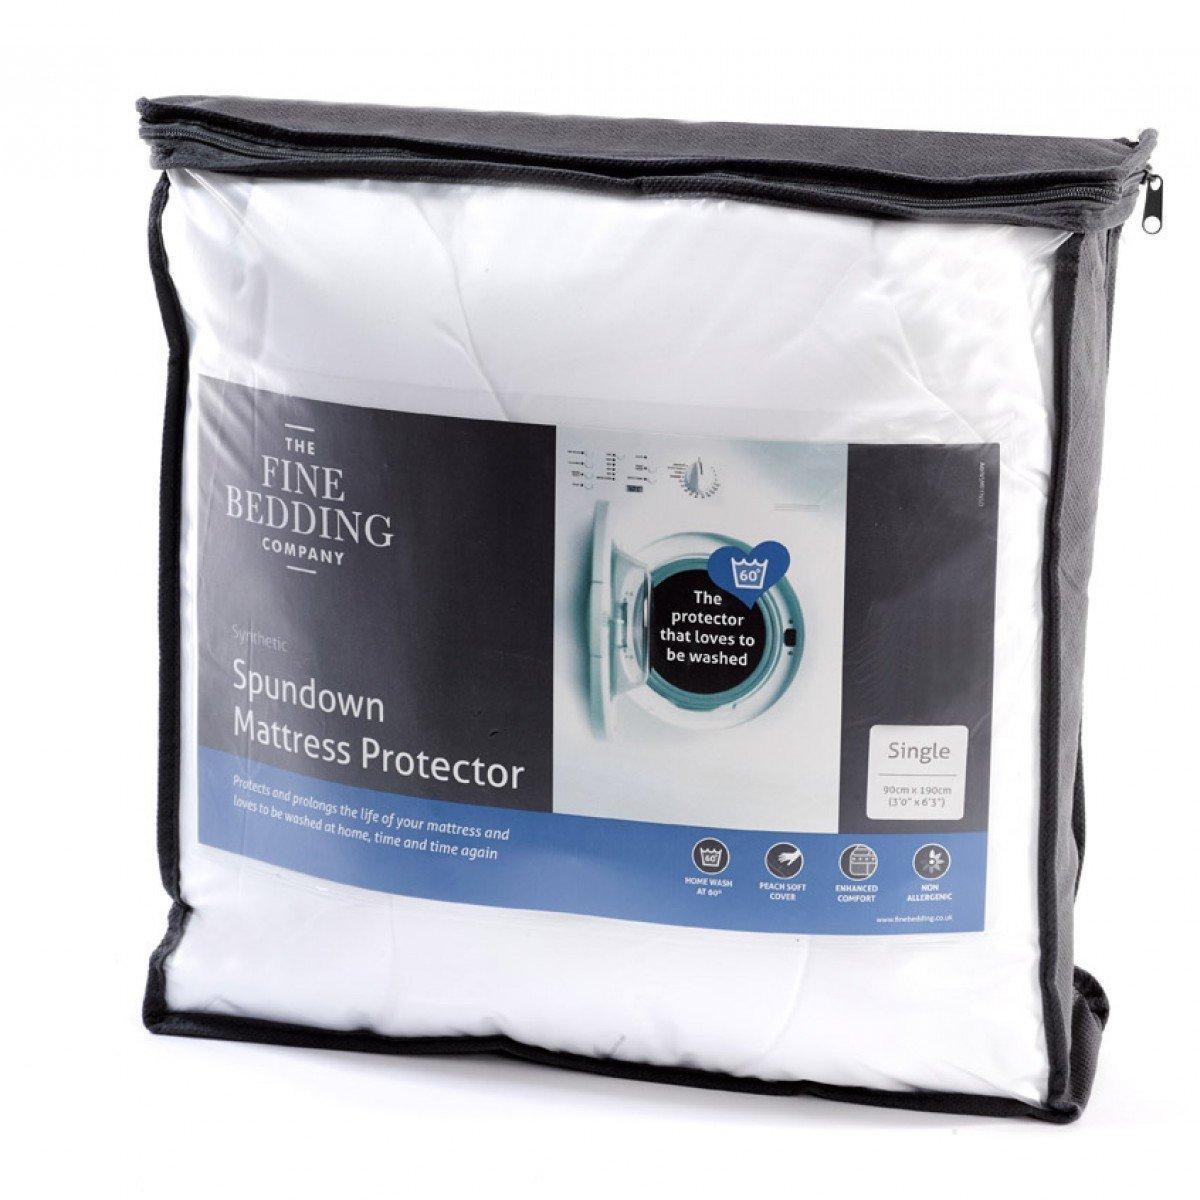 La Fine Ropa de Cama Company Spundown Protector de colchón - King Size: Amazon.es: Hogar